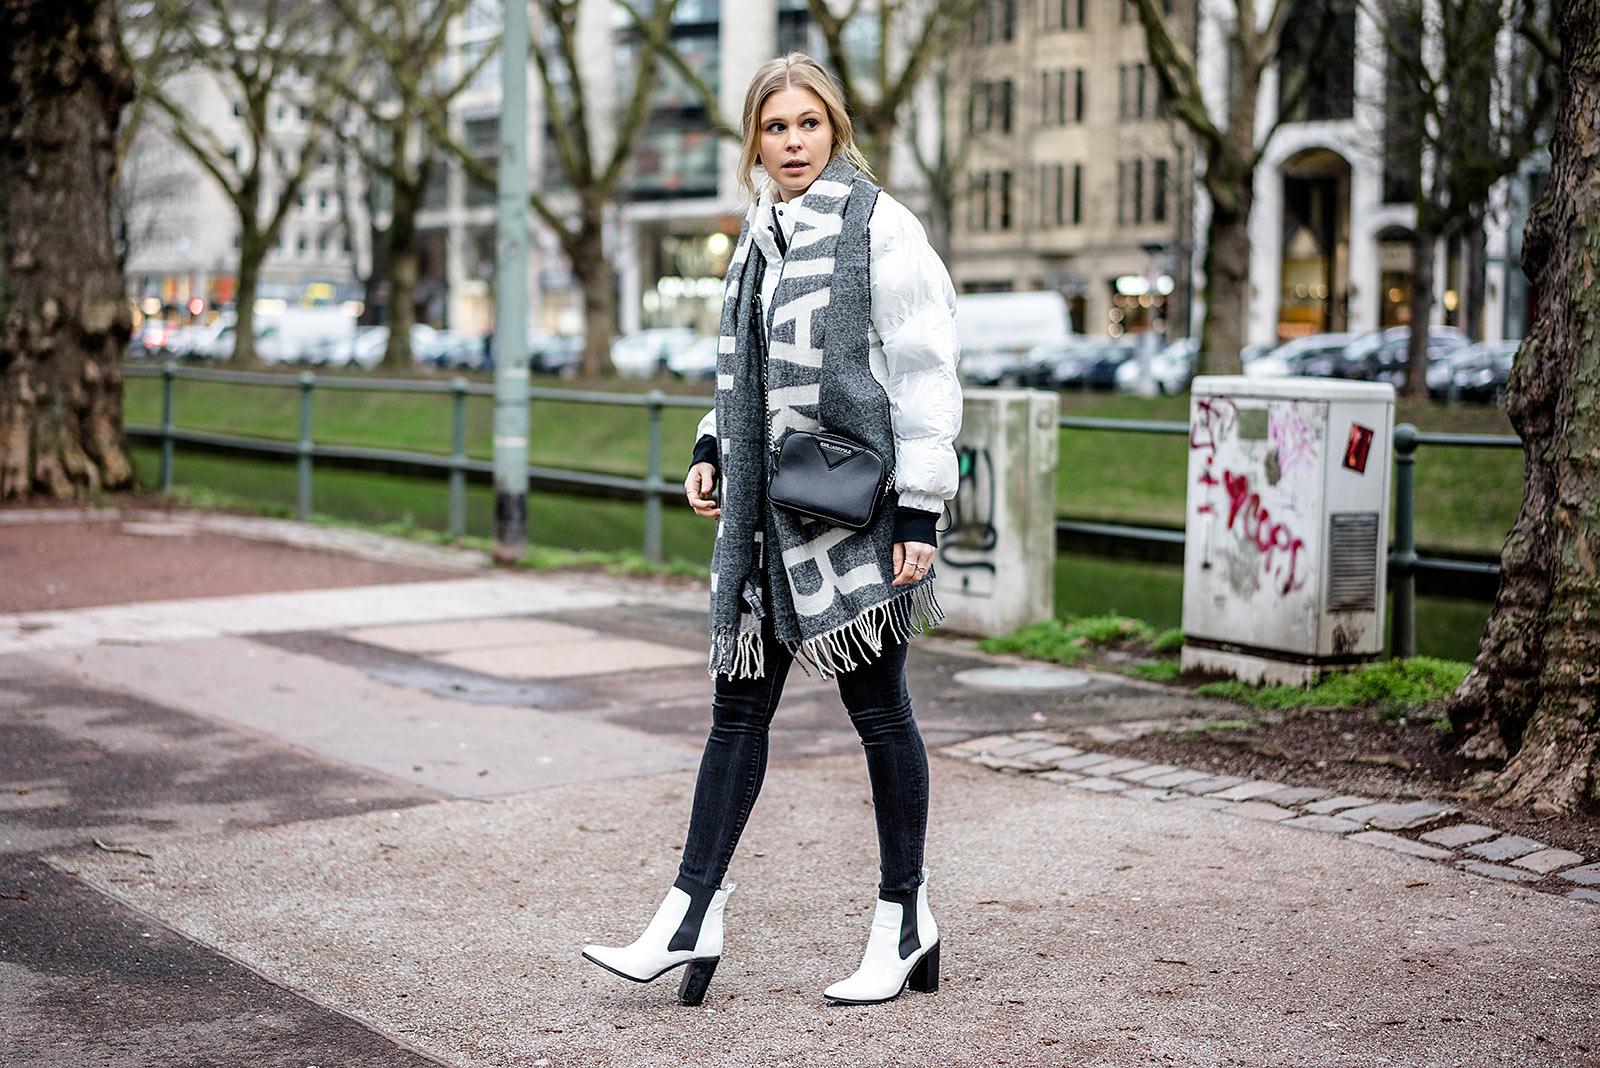 Daunenjacke weiss Outfit Sunnyinga Fashion Blogger Düsseldorf